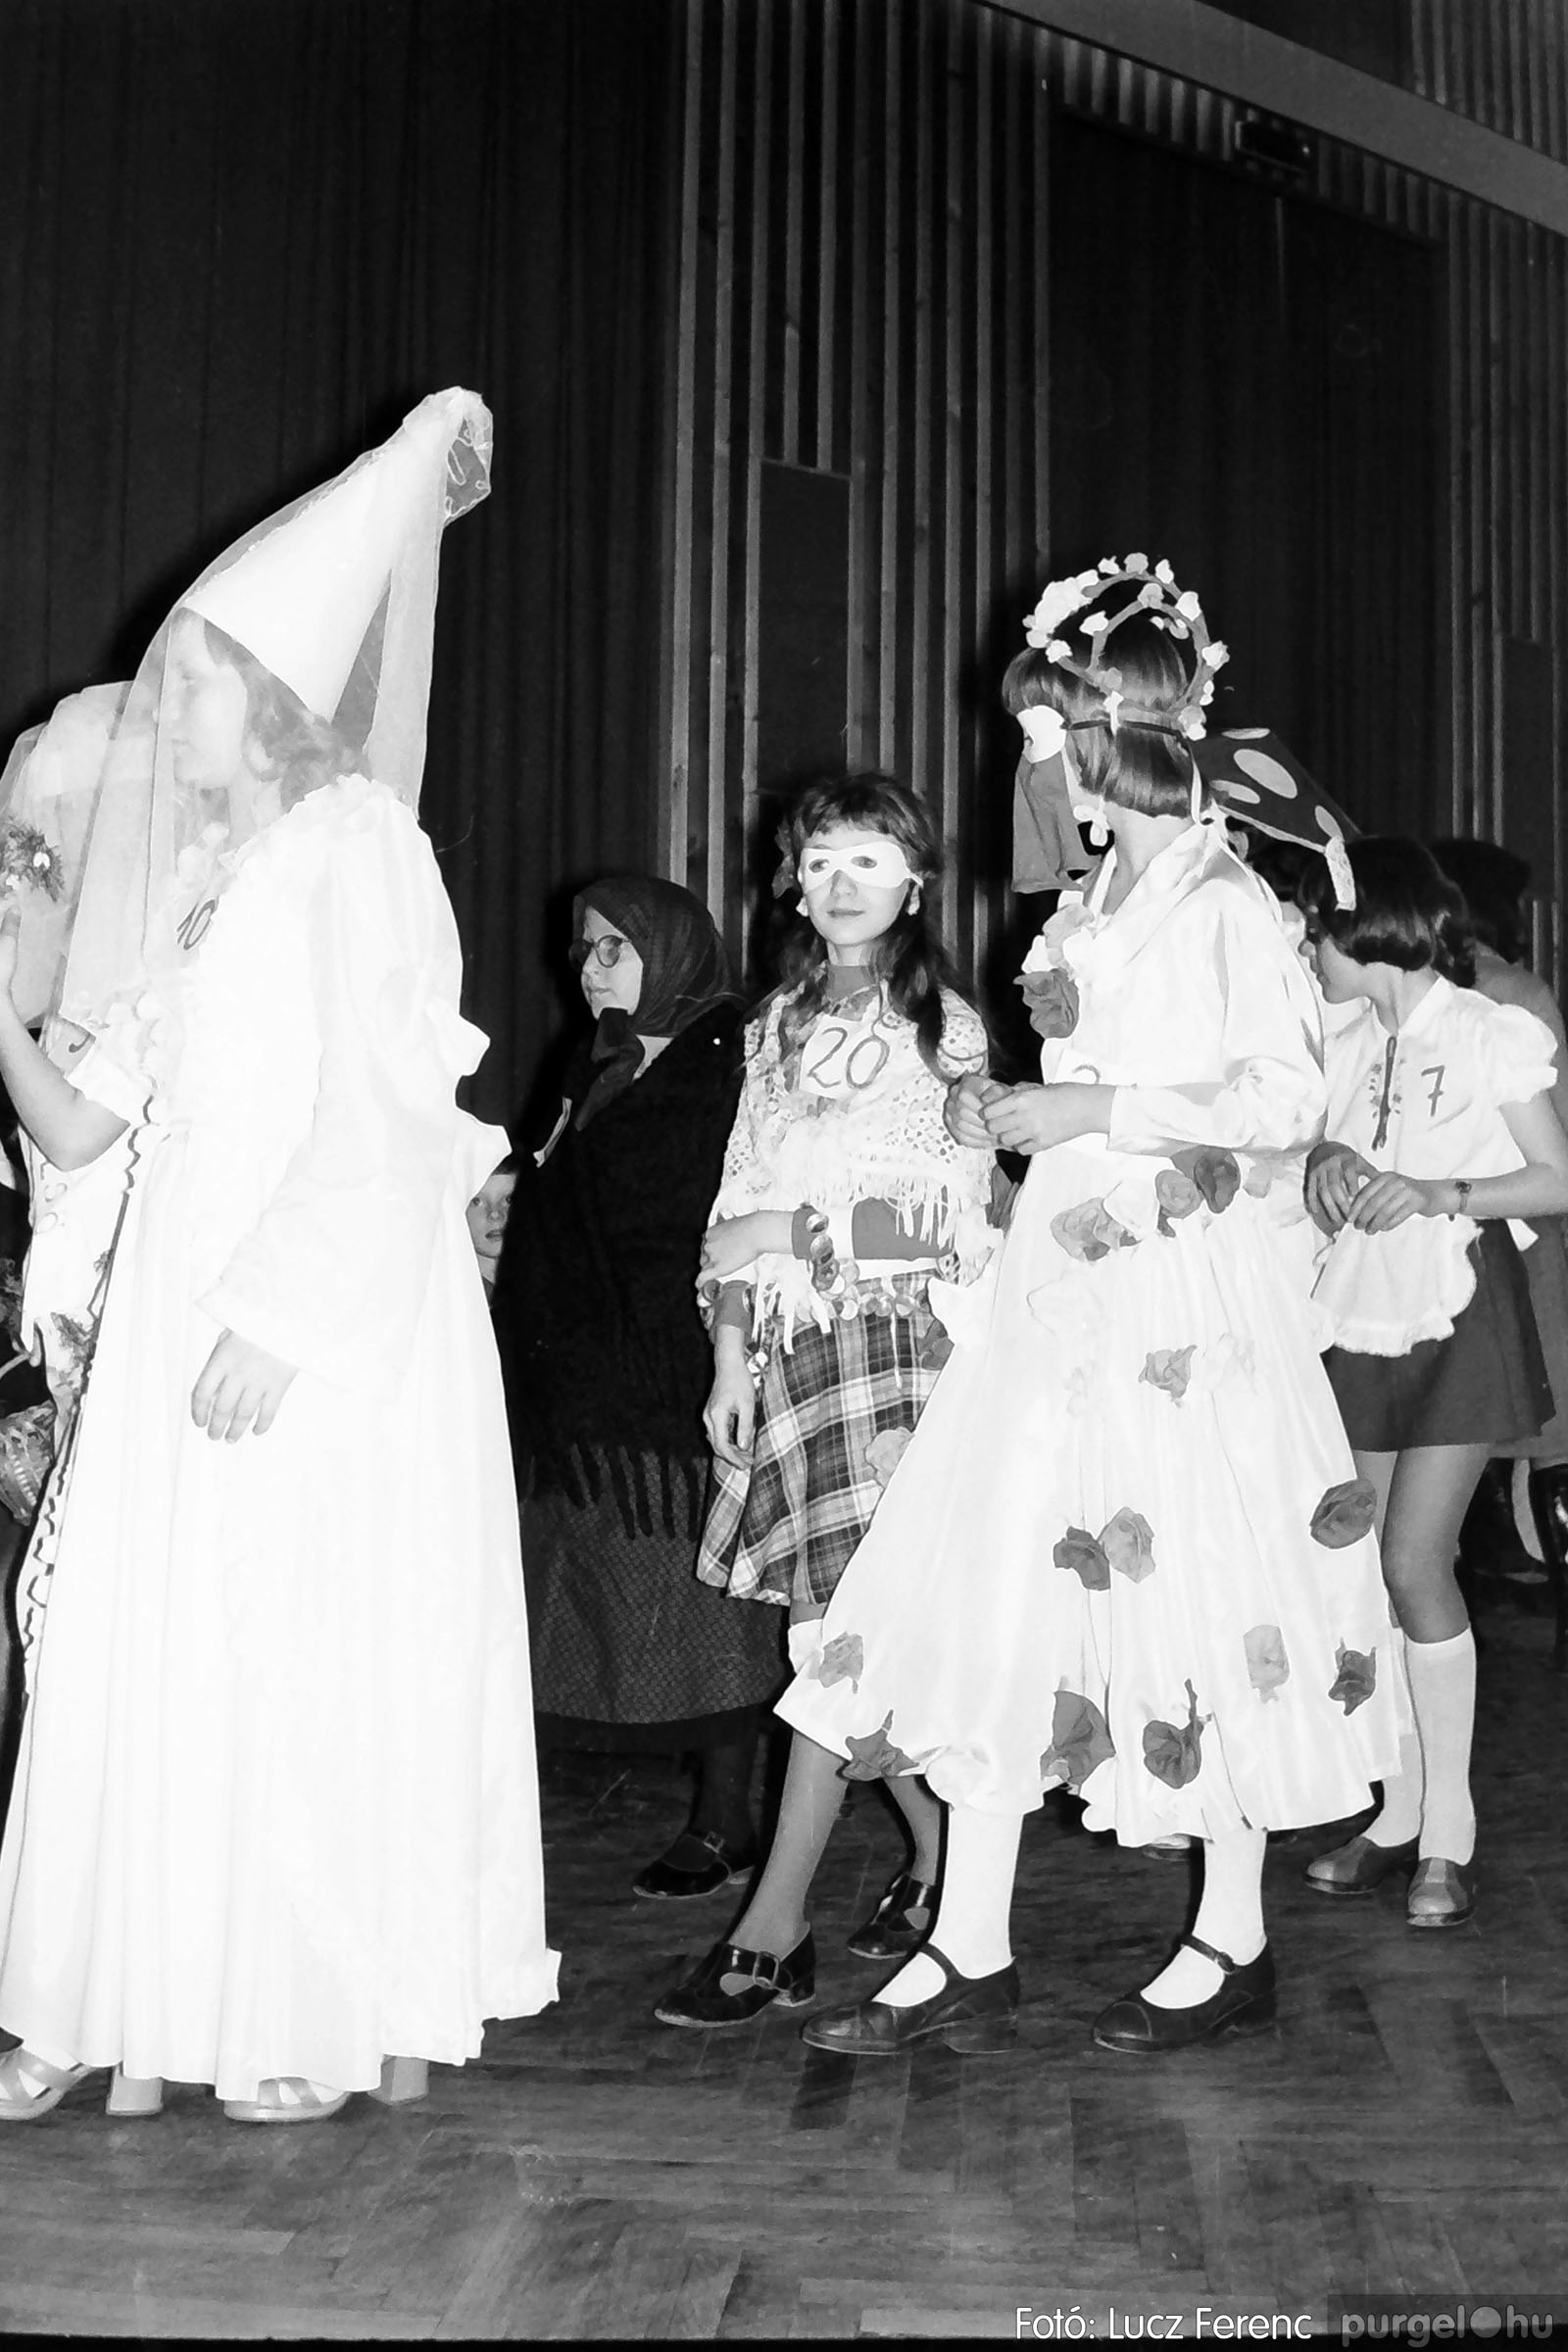 035. 1976. Iskolai farsang a kultúrházban 016 - Fotó: Lucz Ferenc.jpg